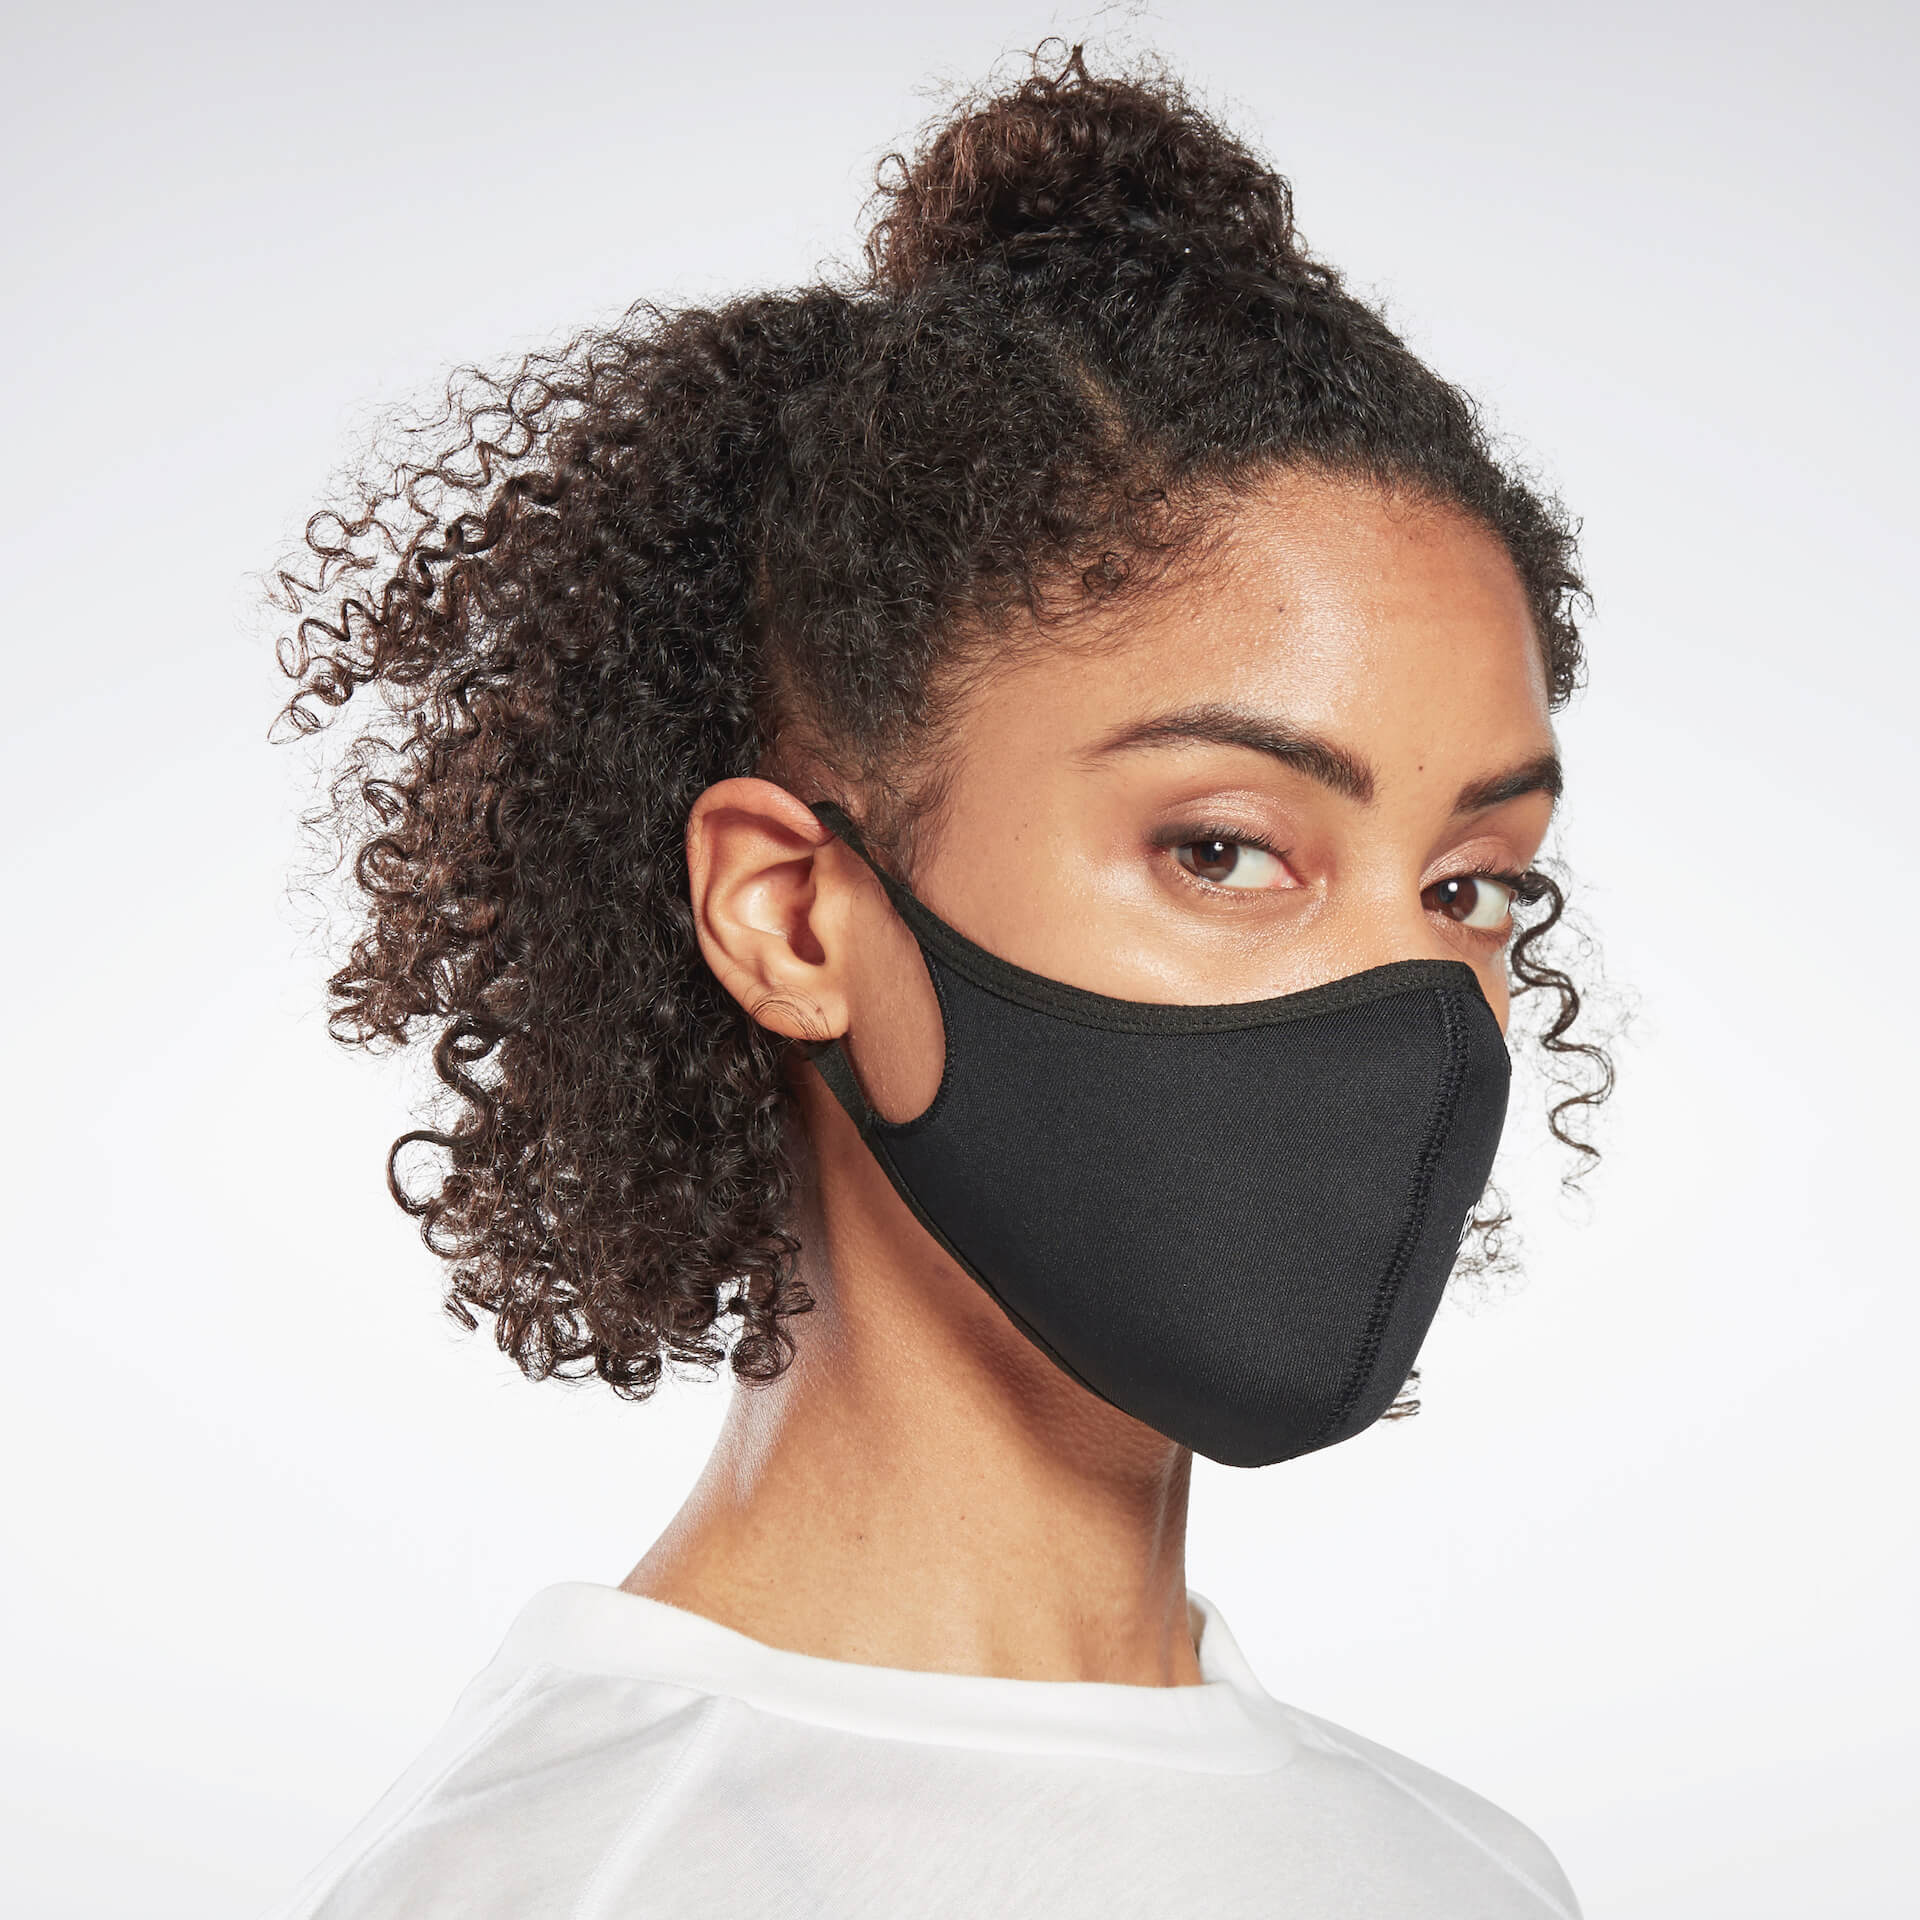 発売開始数時間で即完売したリーボックフェイスカバーが再販決定!本日より直営店にて先行販売が開始 fashion20123_reebok_mask_8